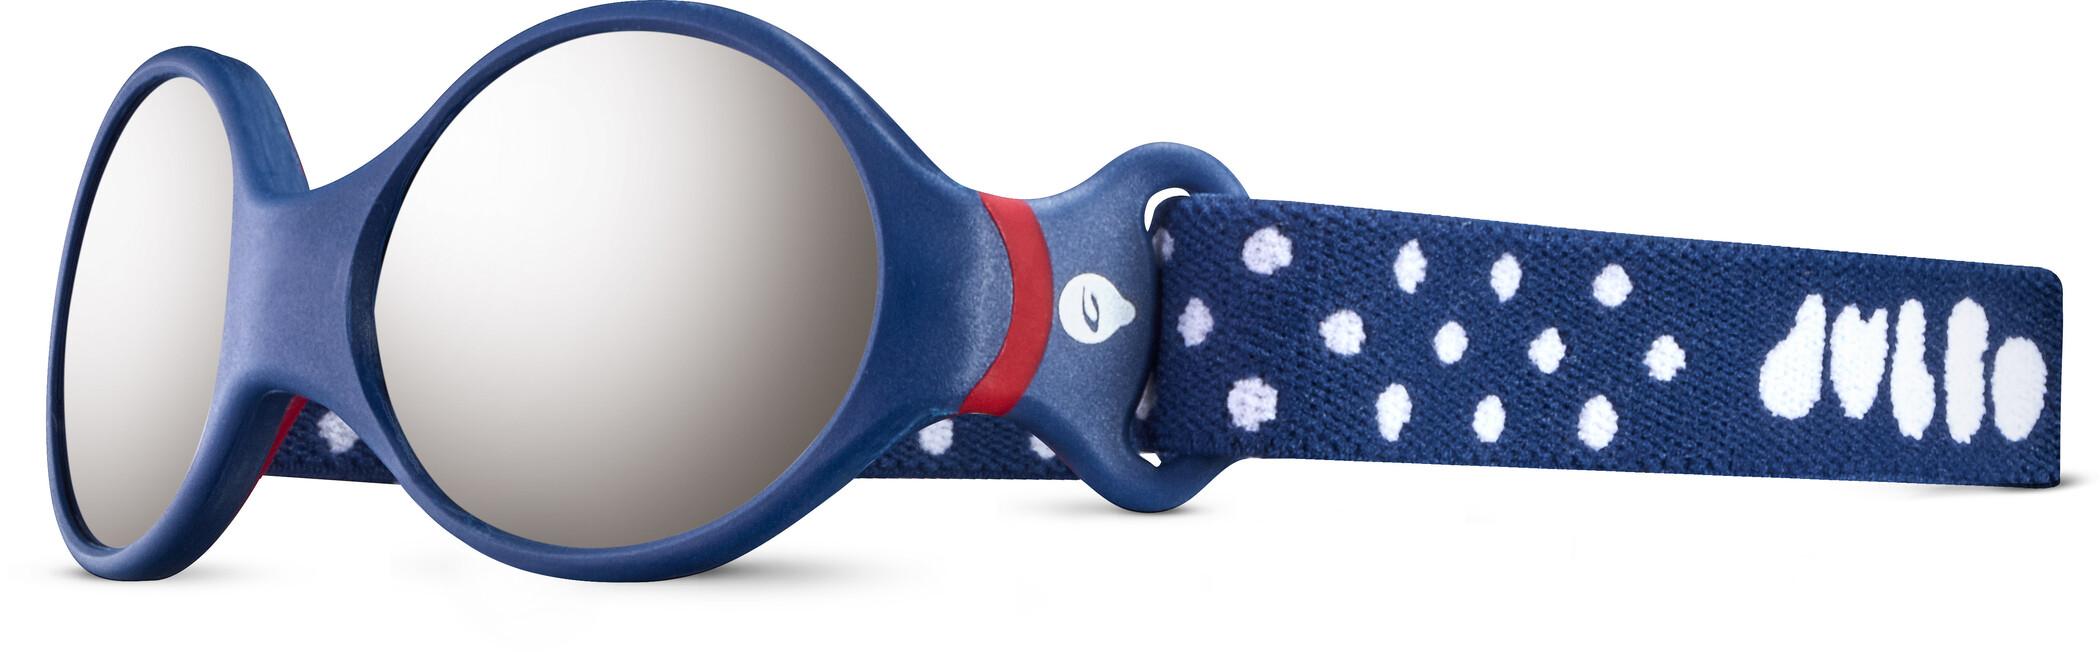 Julbo Loop S Spectron 4 Solbriller Børn, dark blue/red/grey flash silver (2020)   Briller